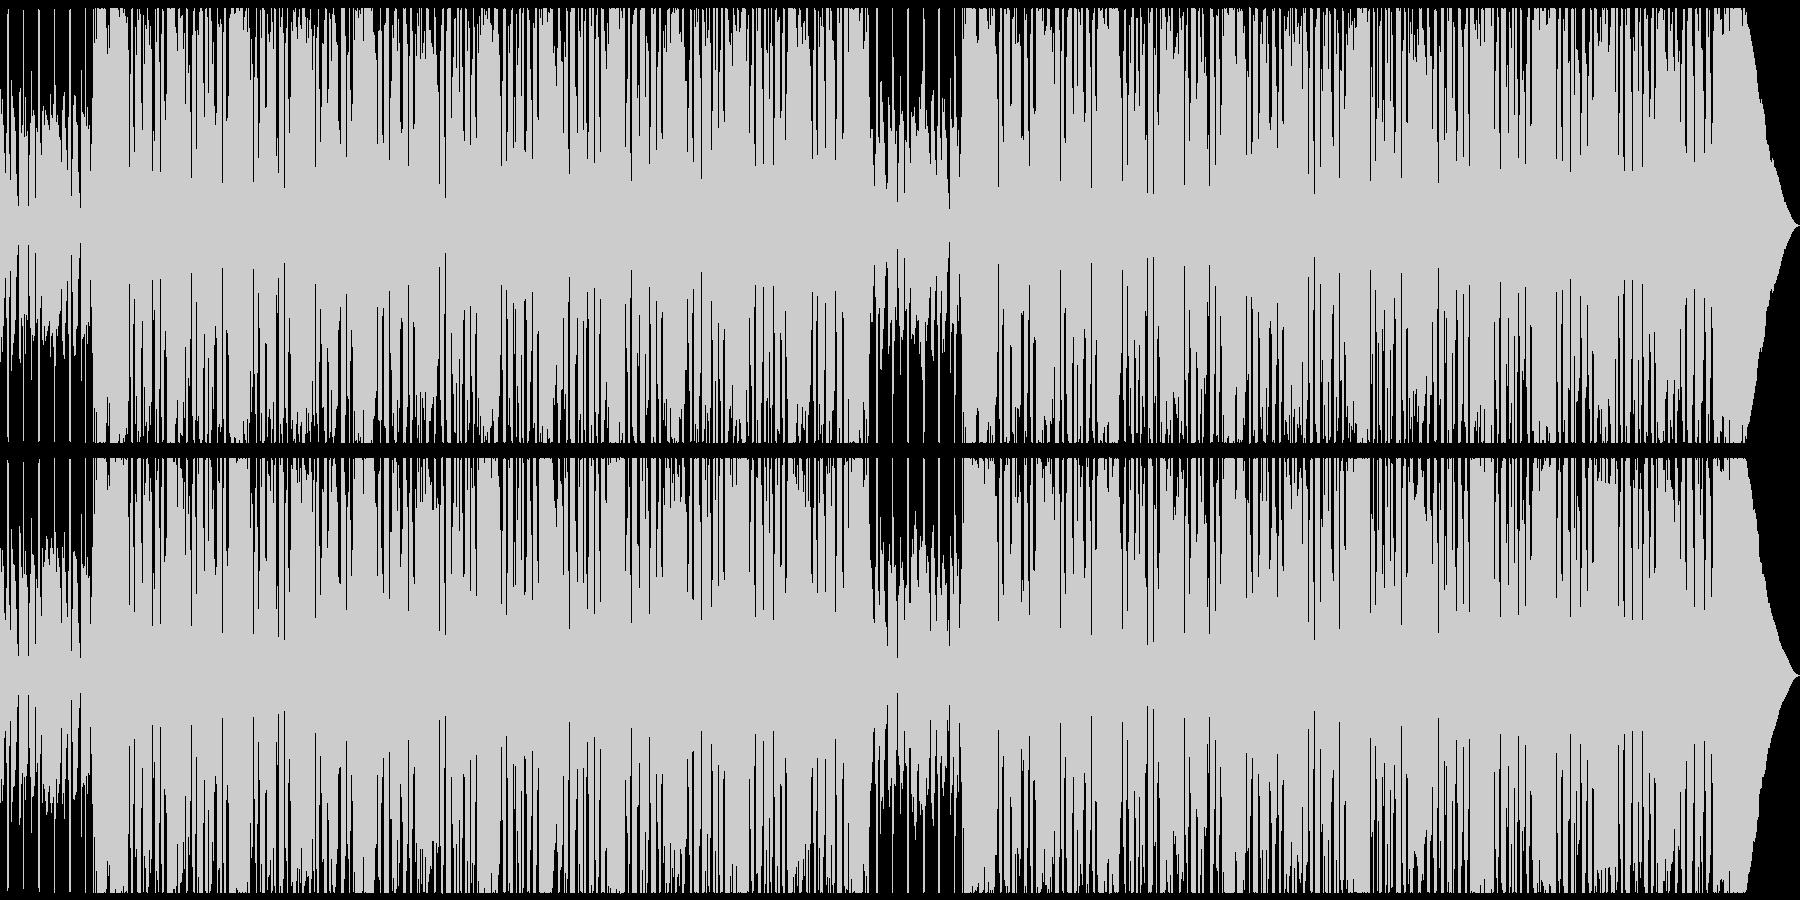 CMや劇伴シンプルでノリの良い洋楽ロックの未再生の波形